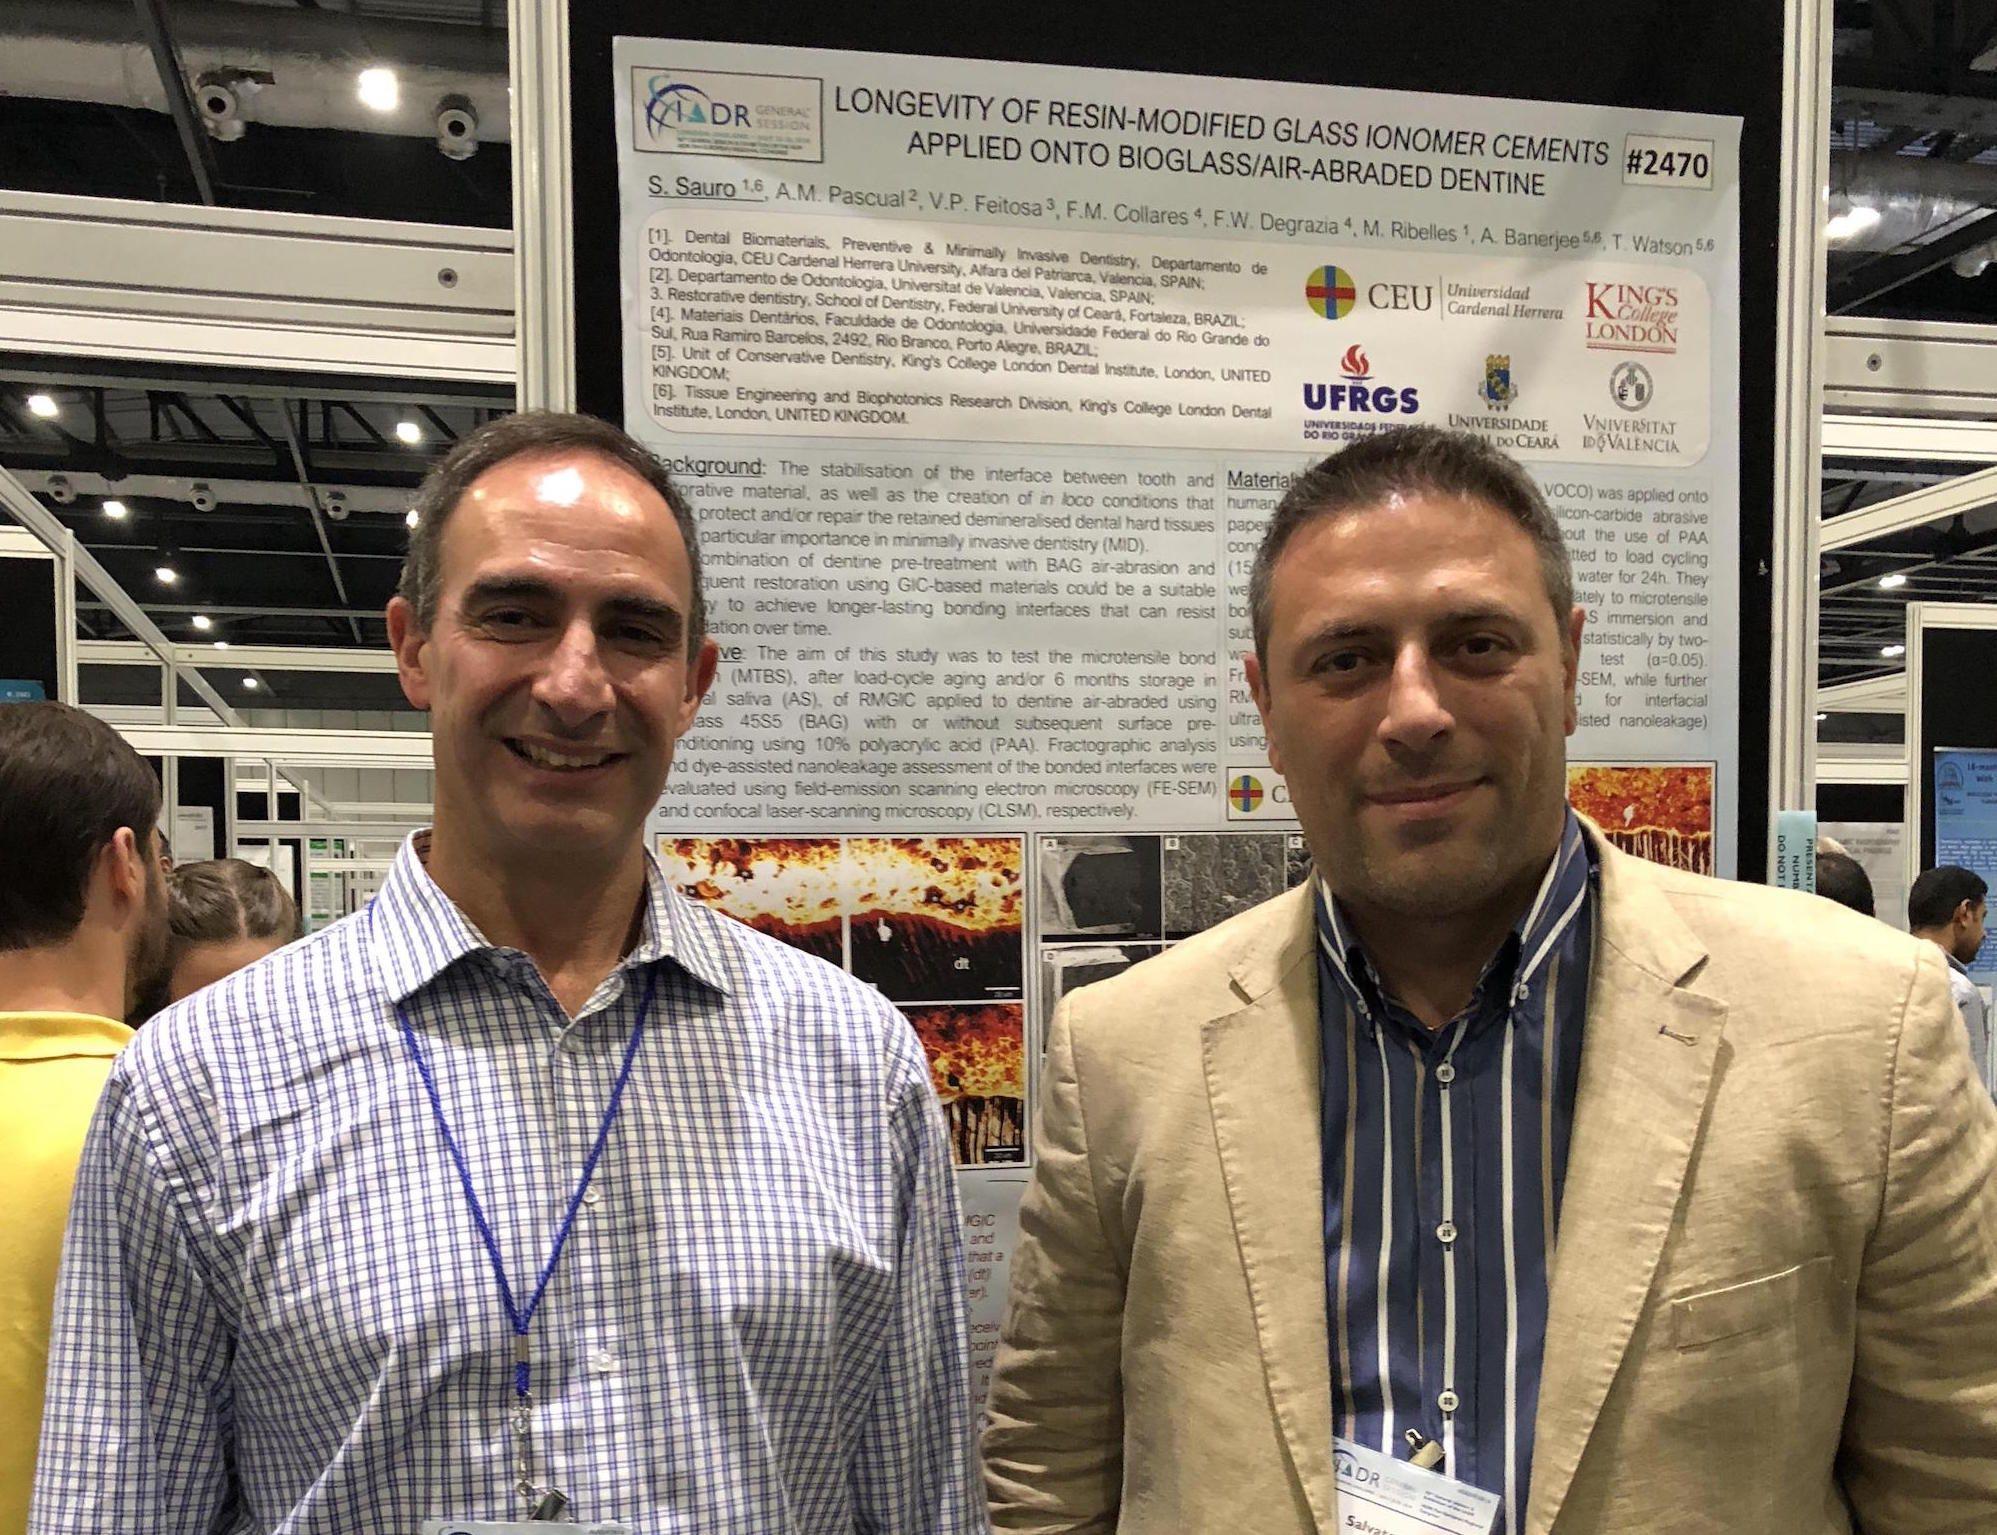 El profesor de la CEU UCH Salvatore Sauro, a la derecha, junto al anterior presidente del Grupo de Materiales Dentales de la IADR, Ricardo Carvalho, durante el último Congreso Paneuropeo de la Asociación, celebrado en Londres en 2018.